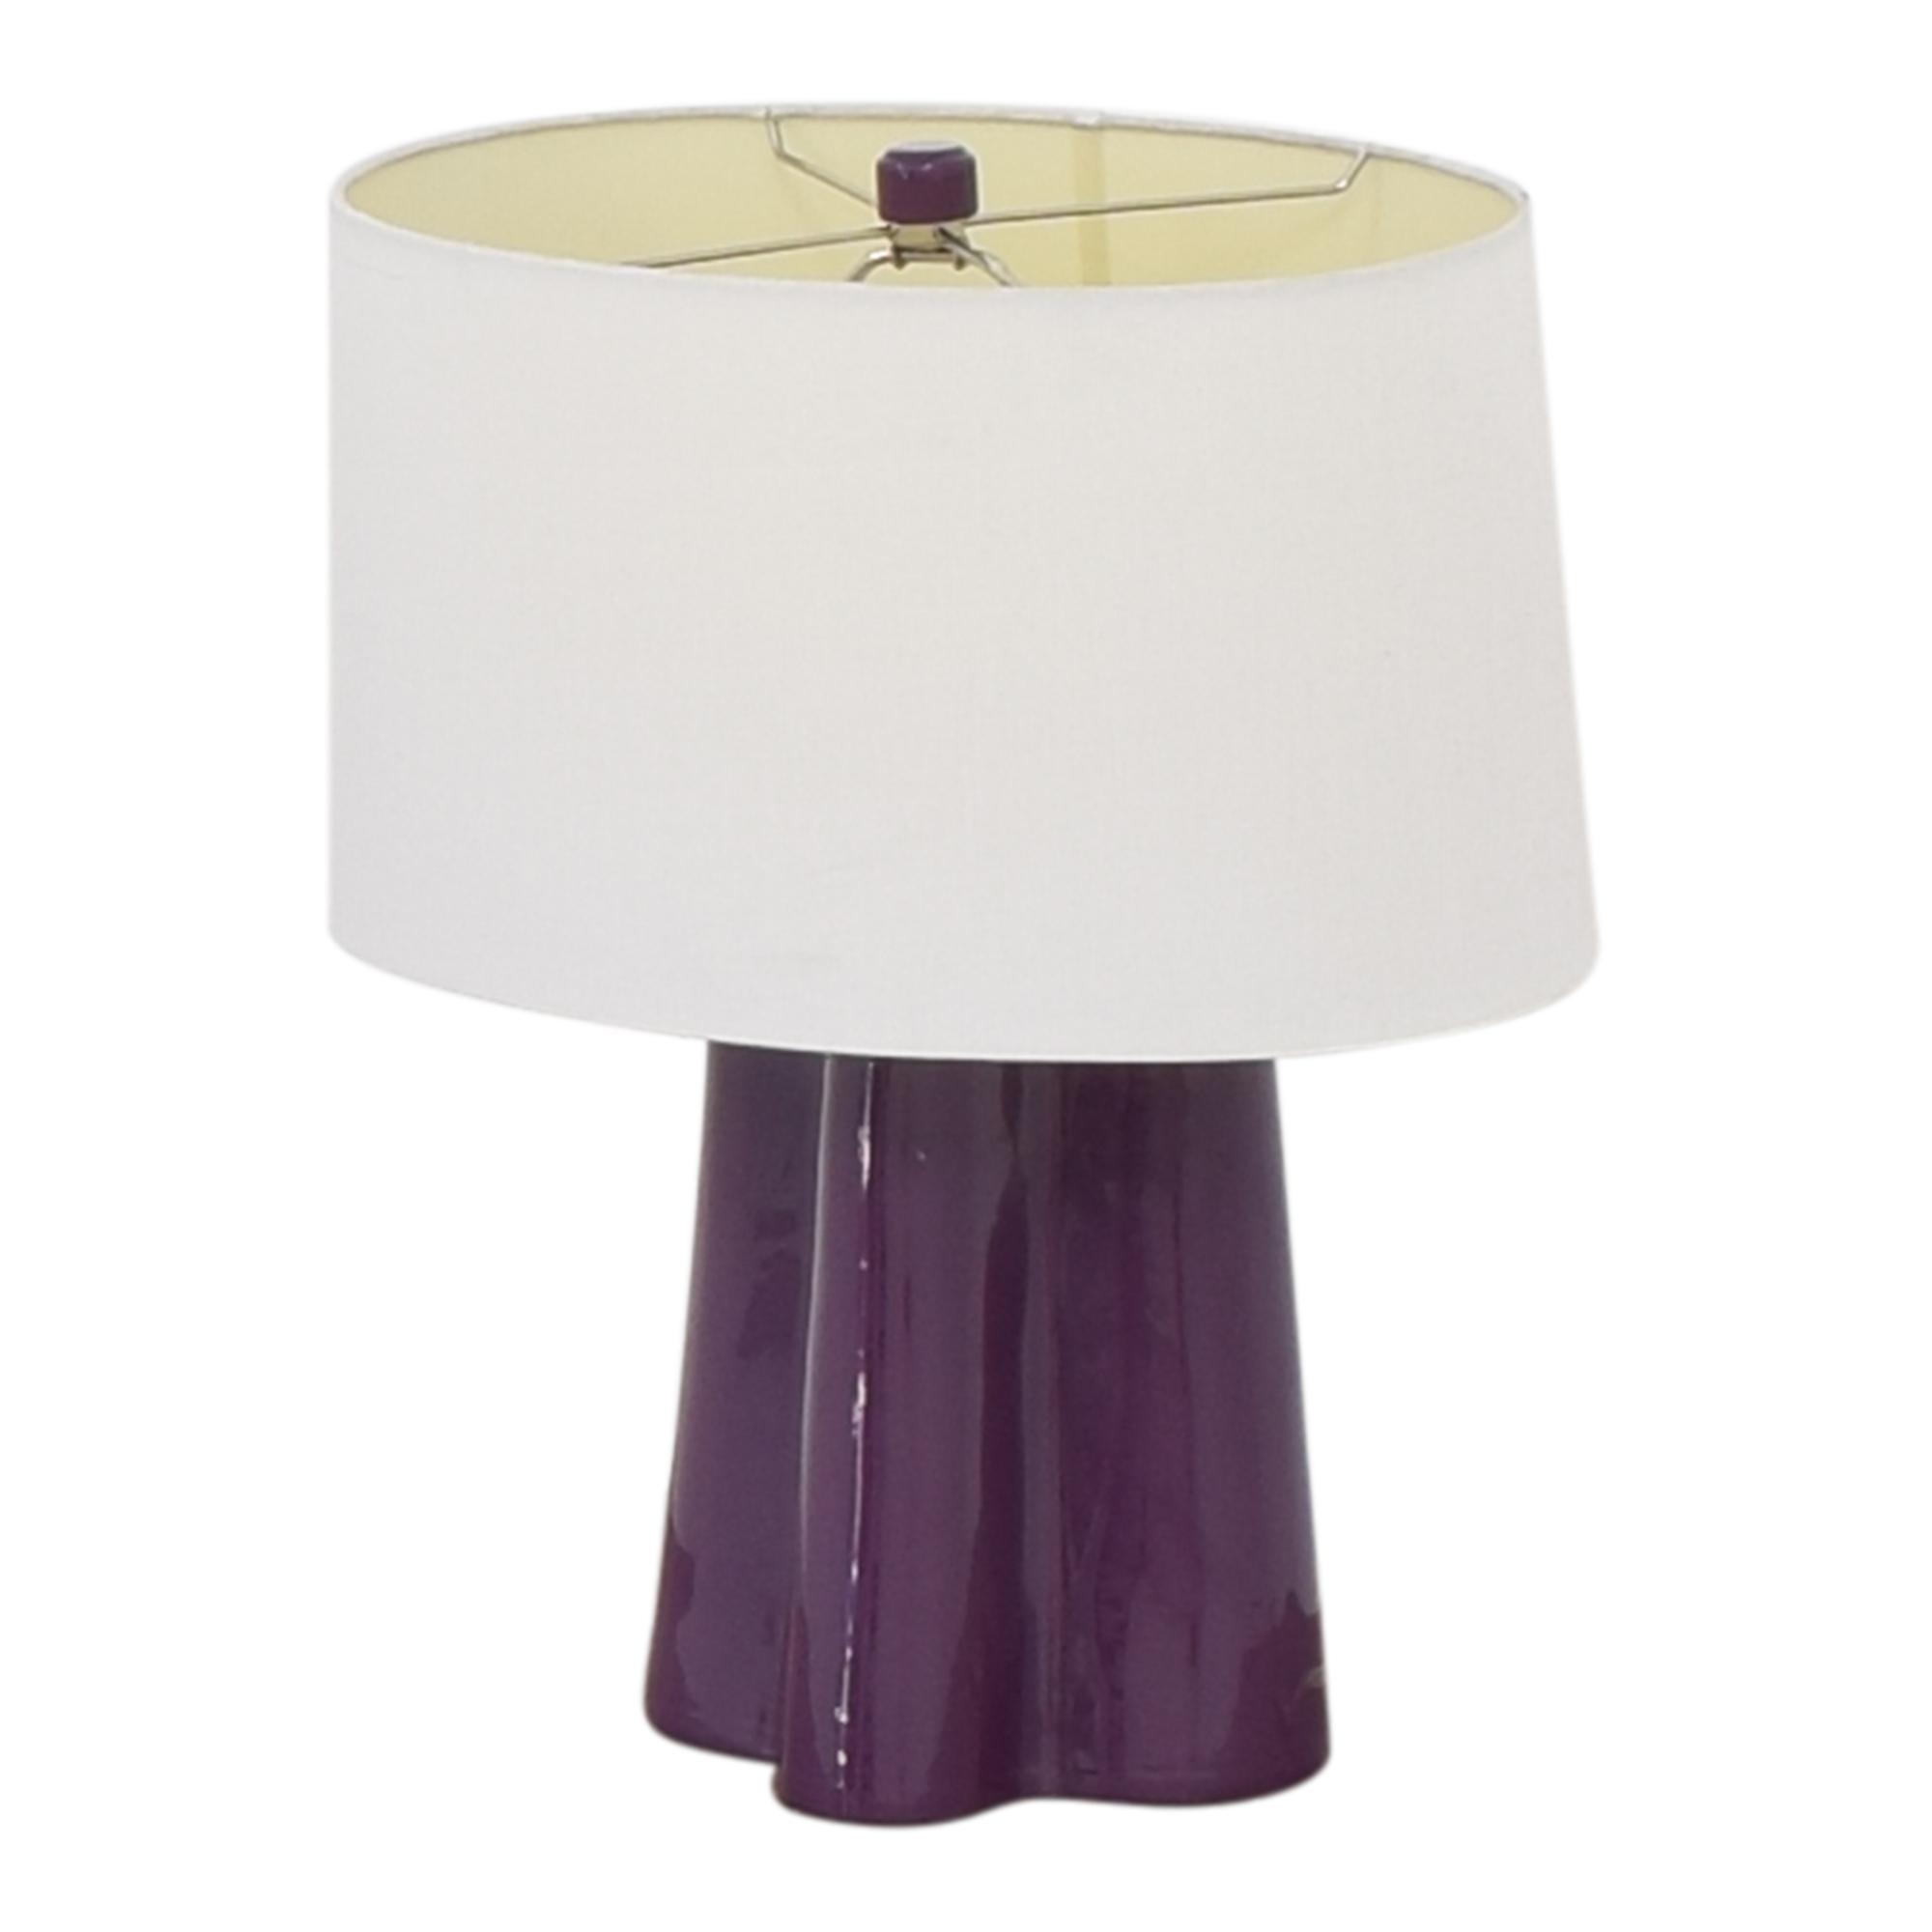 Jonathan Adler Jonathan Adler Table Lamp discount